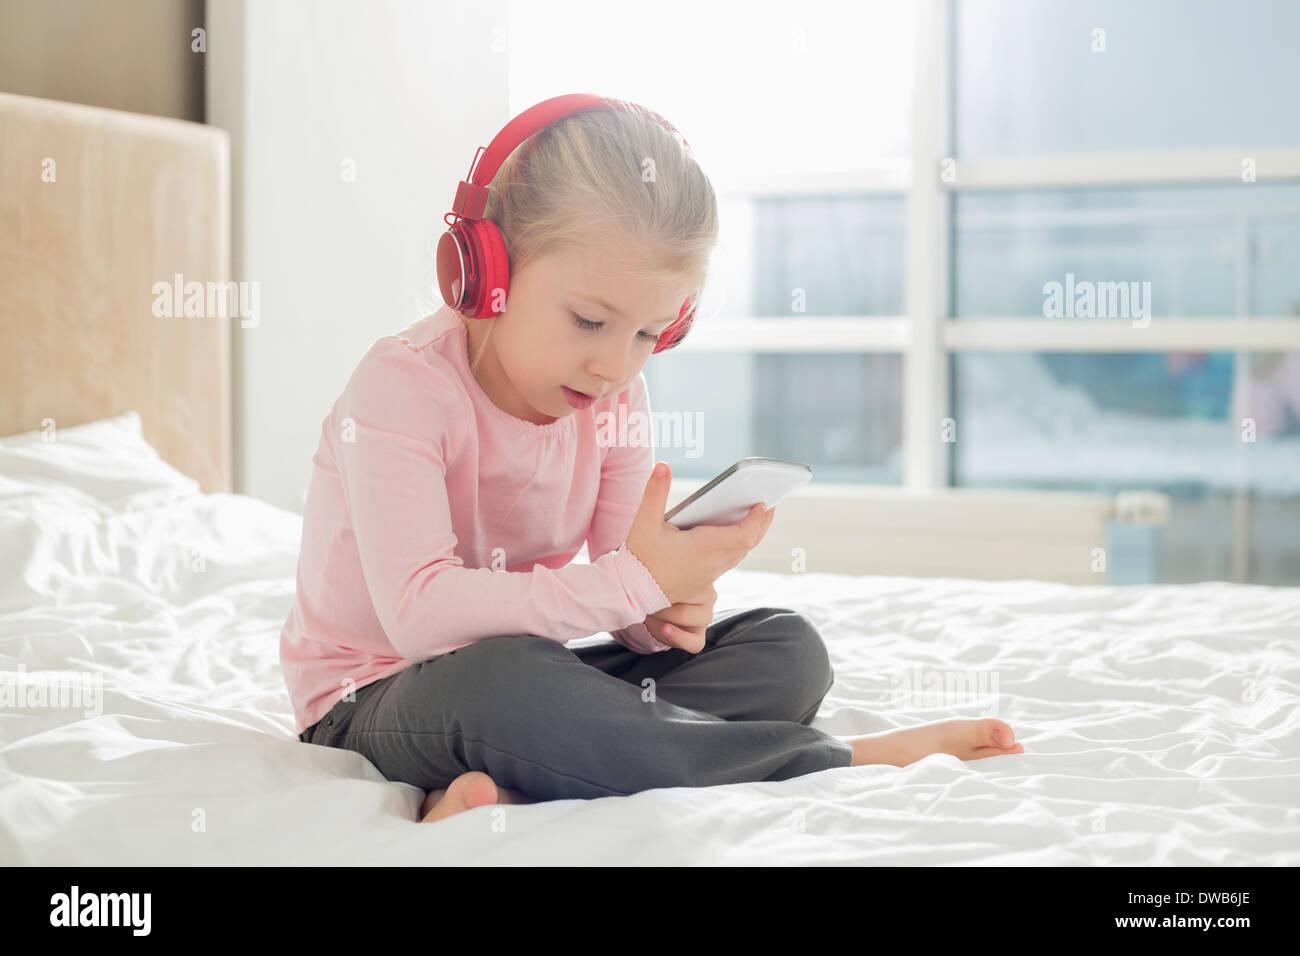 La longitud completa de la niña escucha música con los auriculares en el dormitorio Imagen De Stock